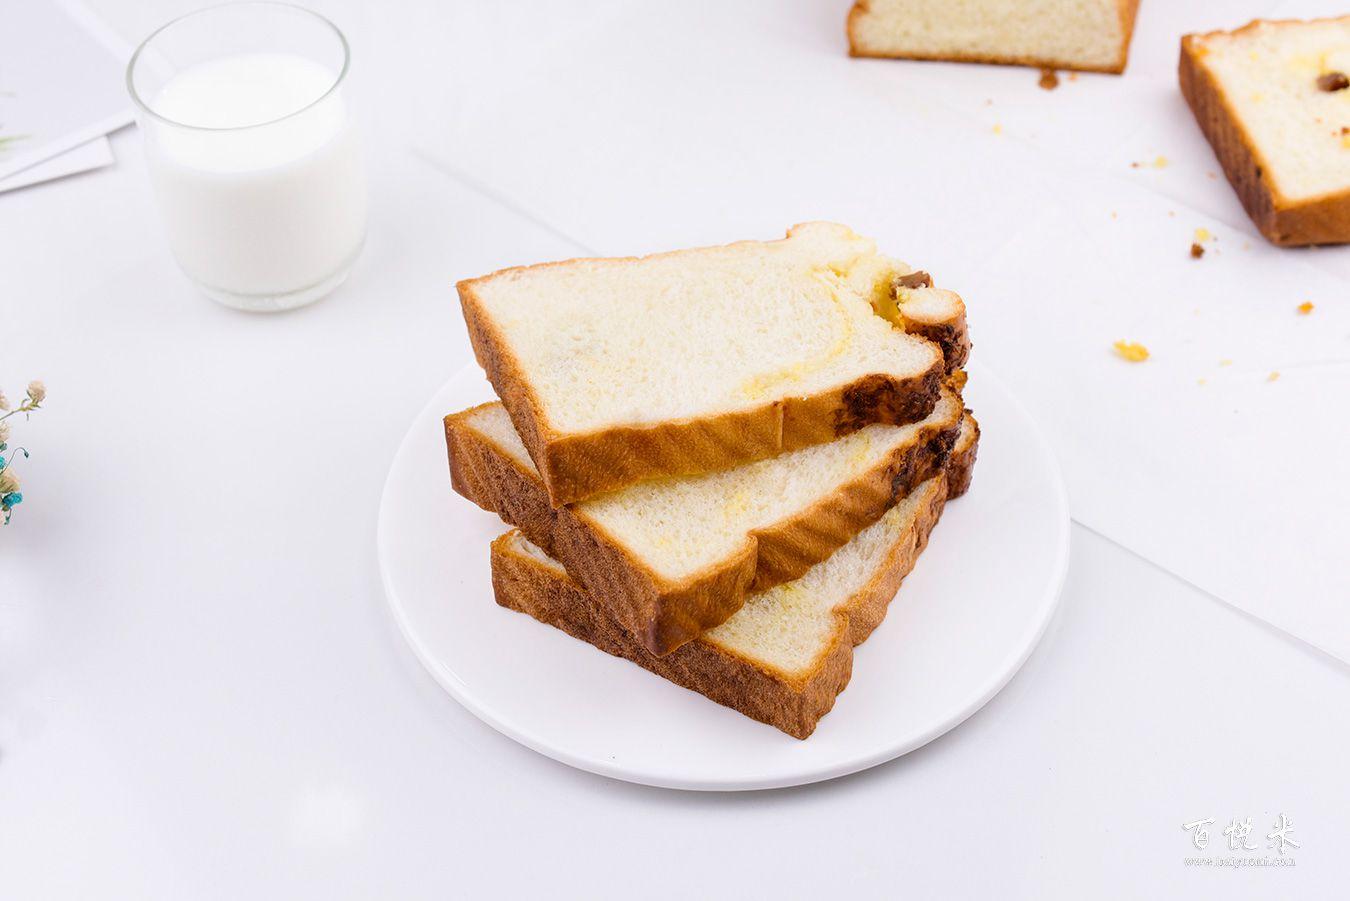 椰蓉吐司的高清图片大全【蛋糕图片】_302